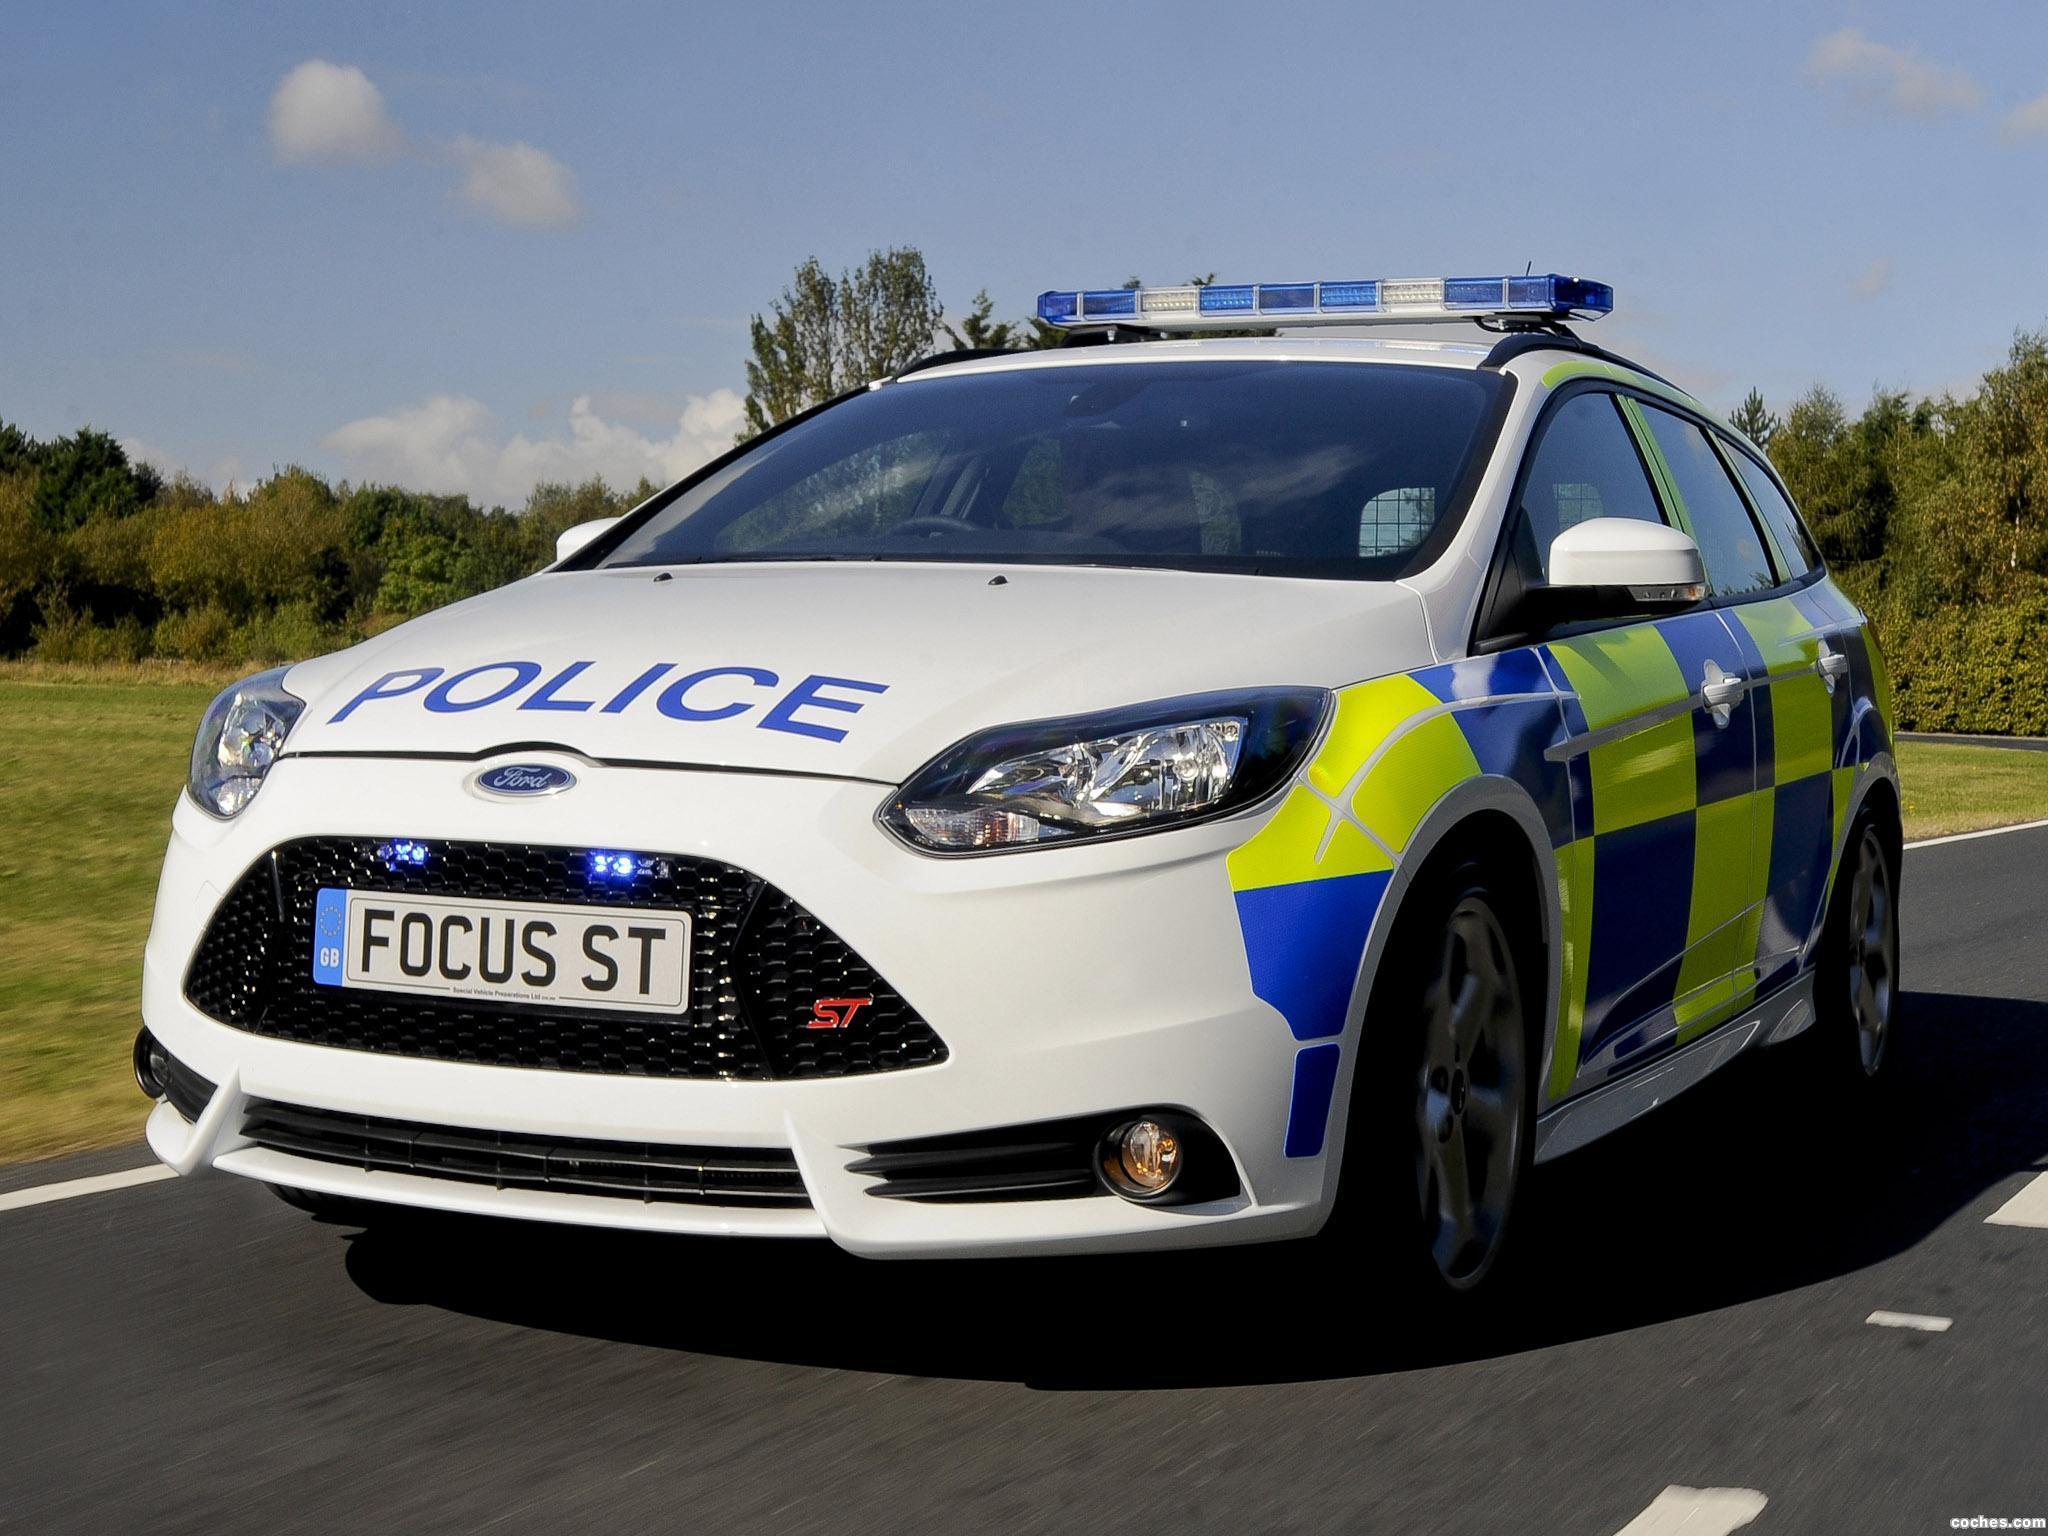 Foto 0 de Ford Focus ST Police Car UK 2012